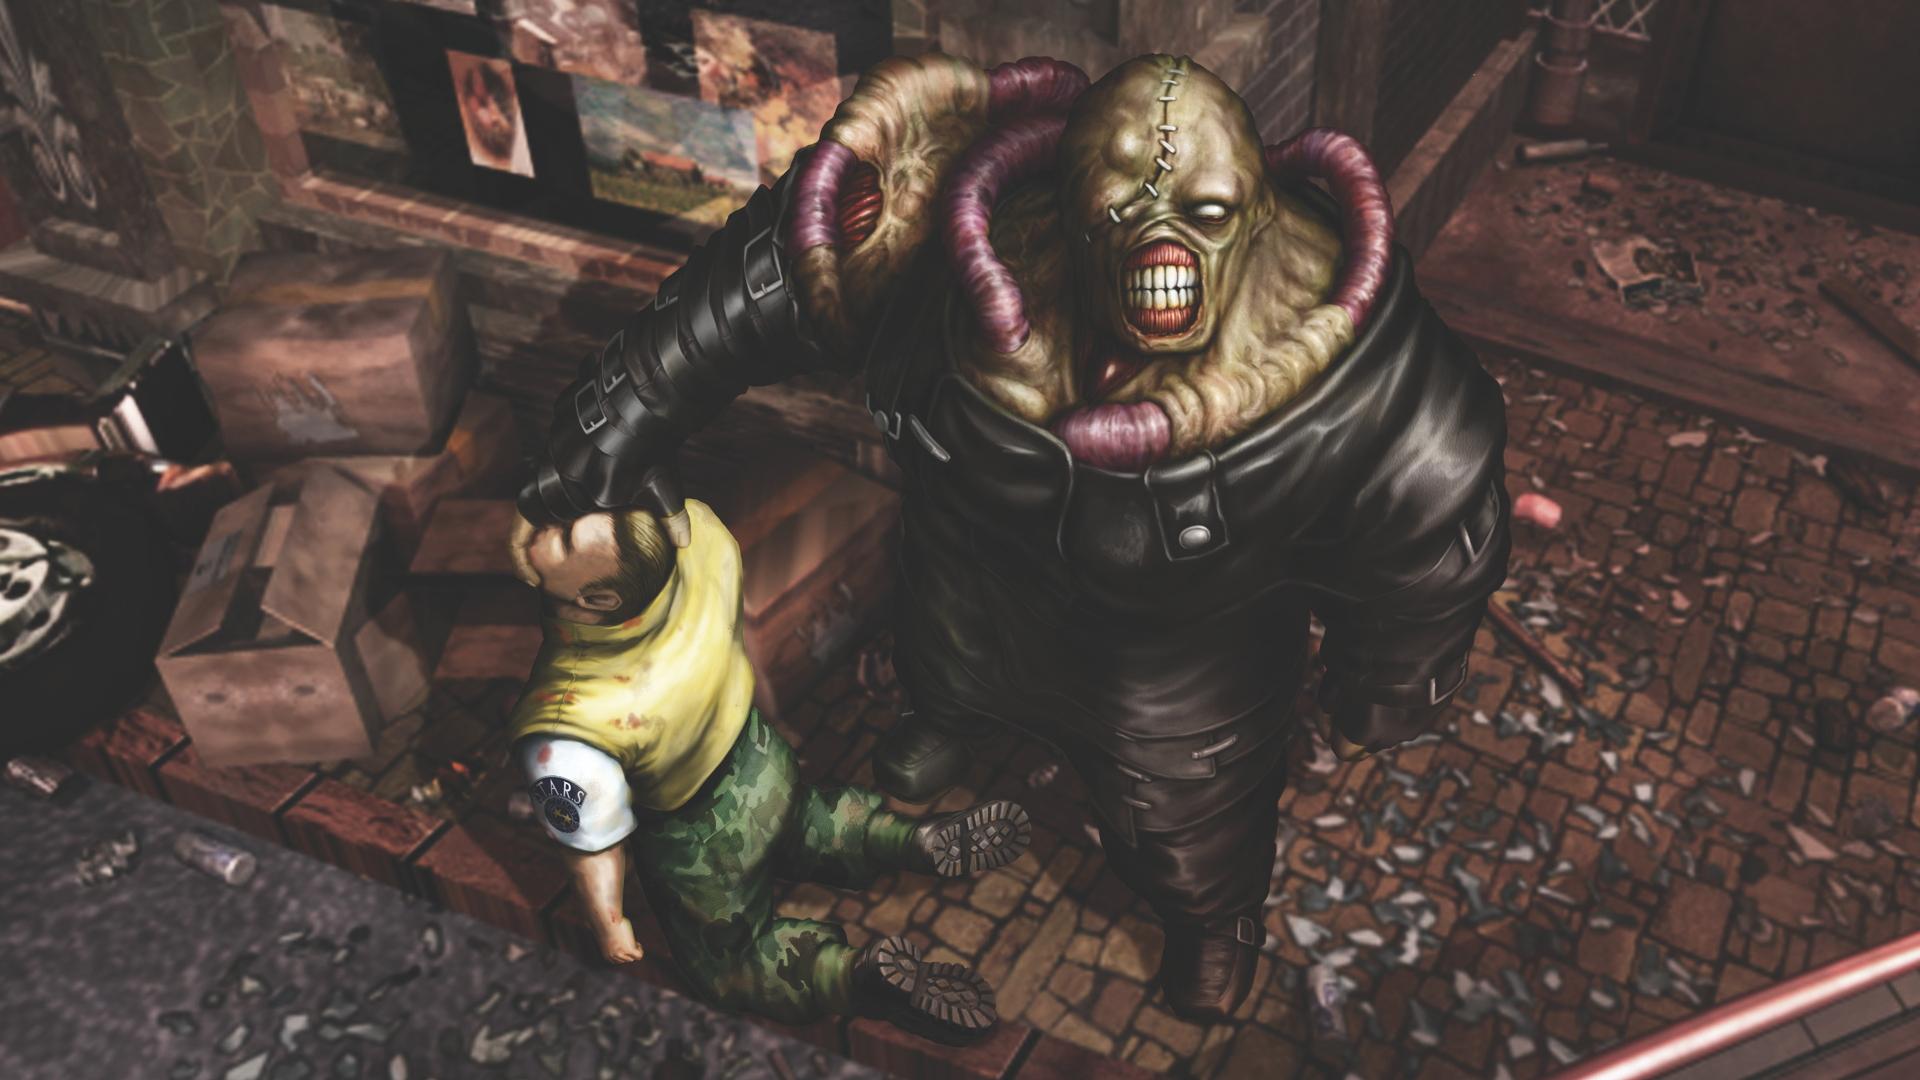 Luego del éxito de RE 2 remake, en 2020 llegaría Resident Evil 3: Nemesis